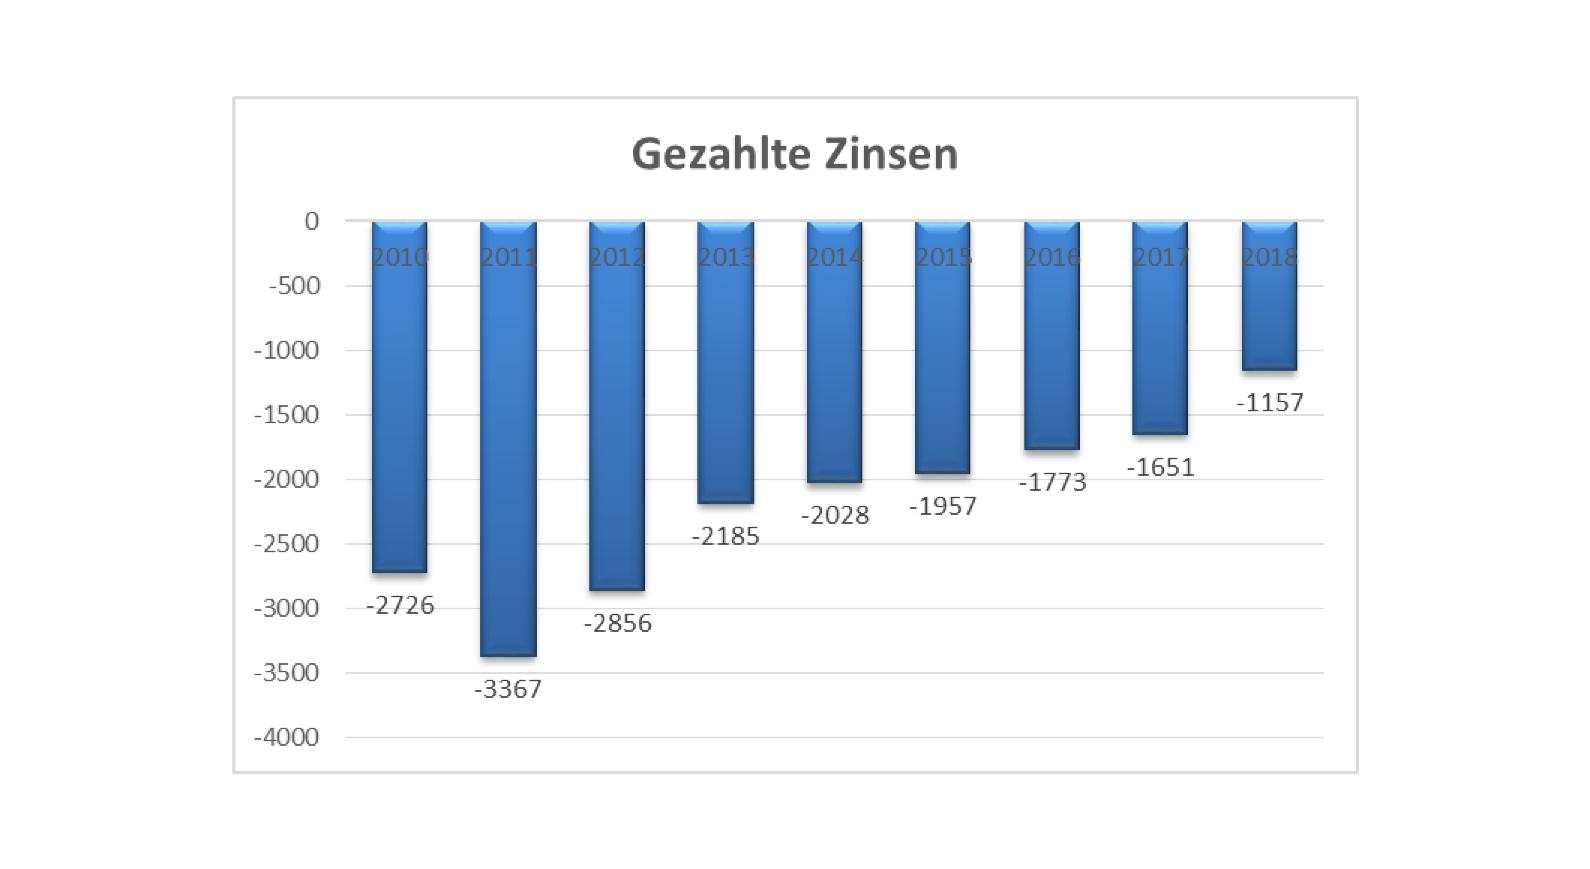 gezahlte_zinsen_ii.png